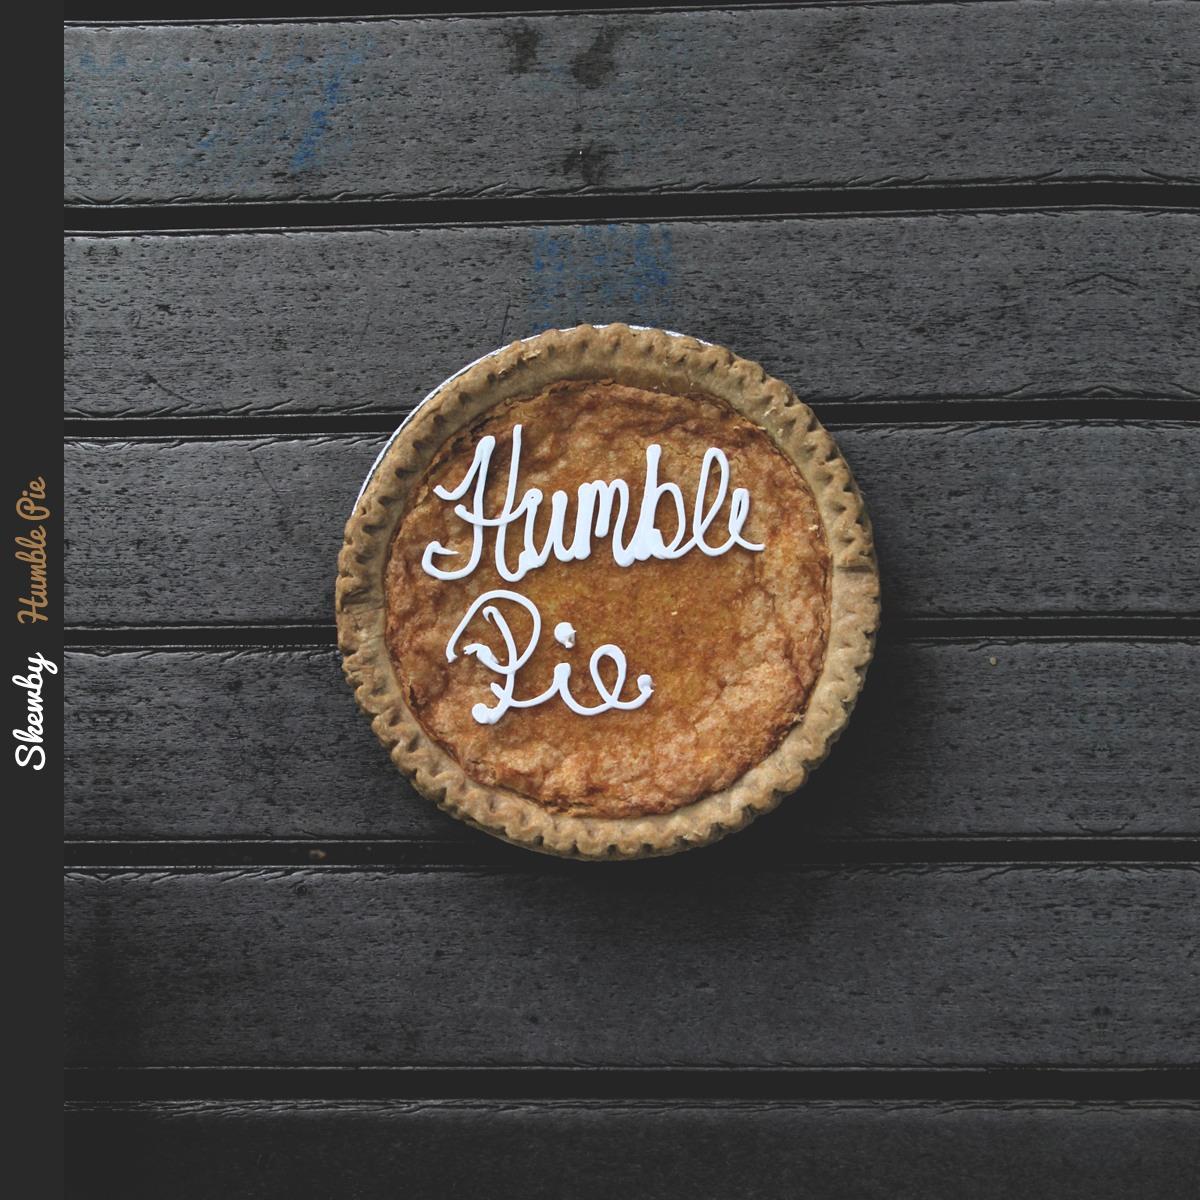 Skewby - Humble Pie (2012)